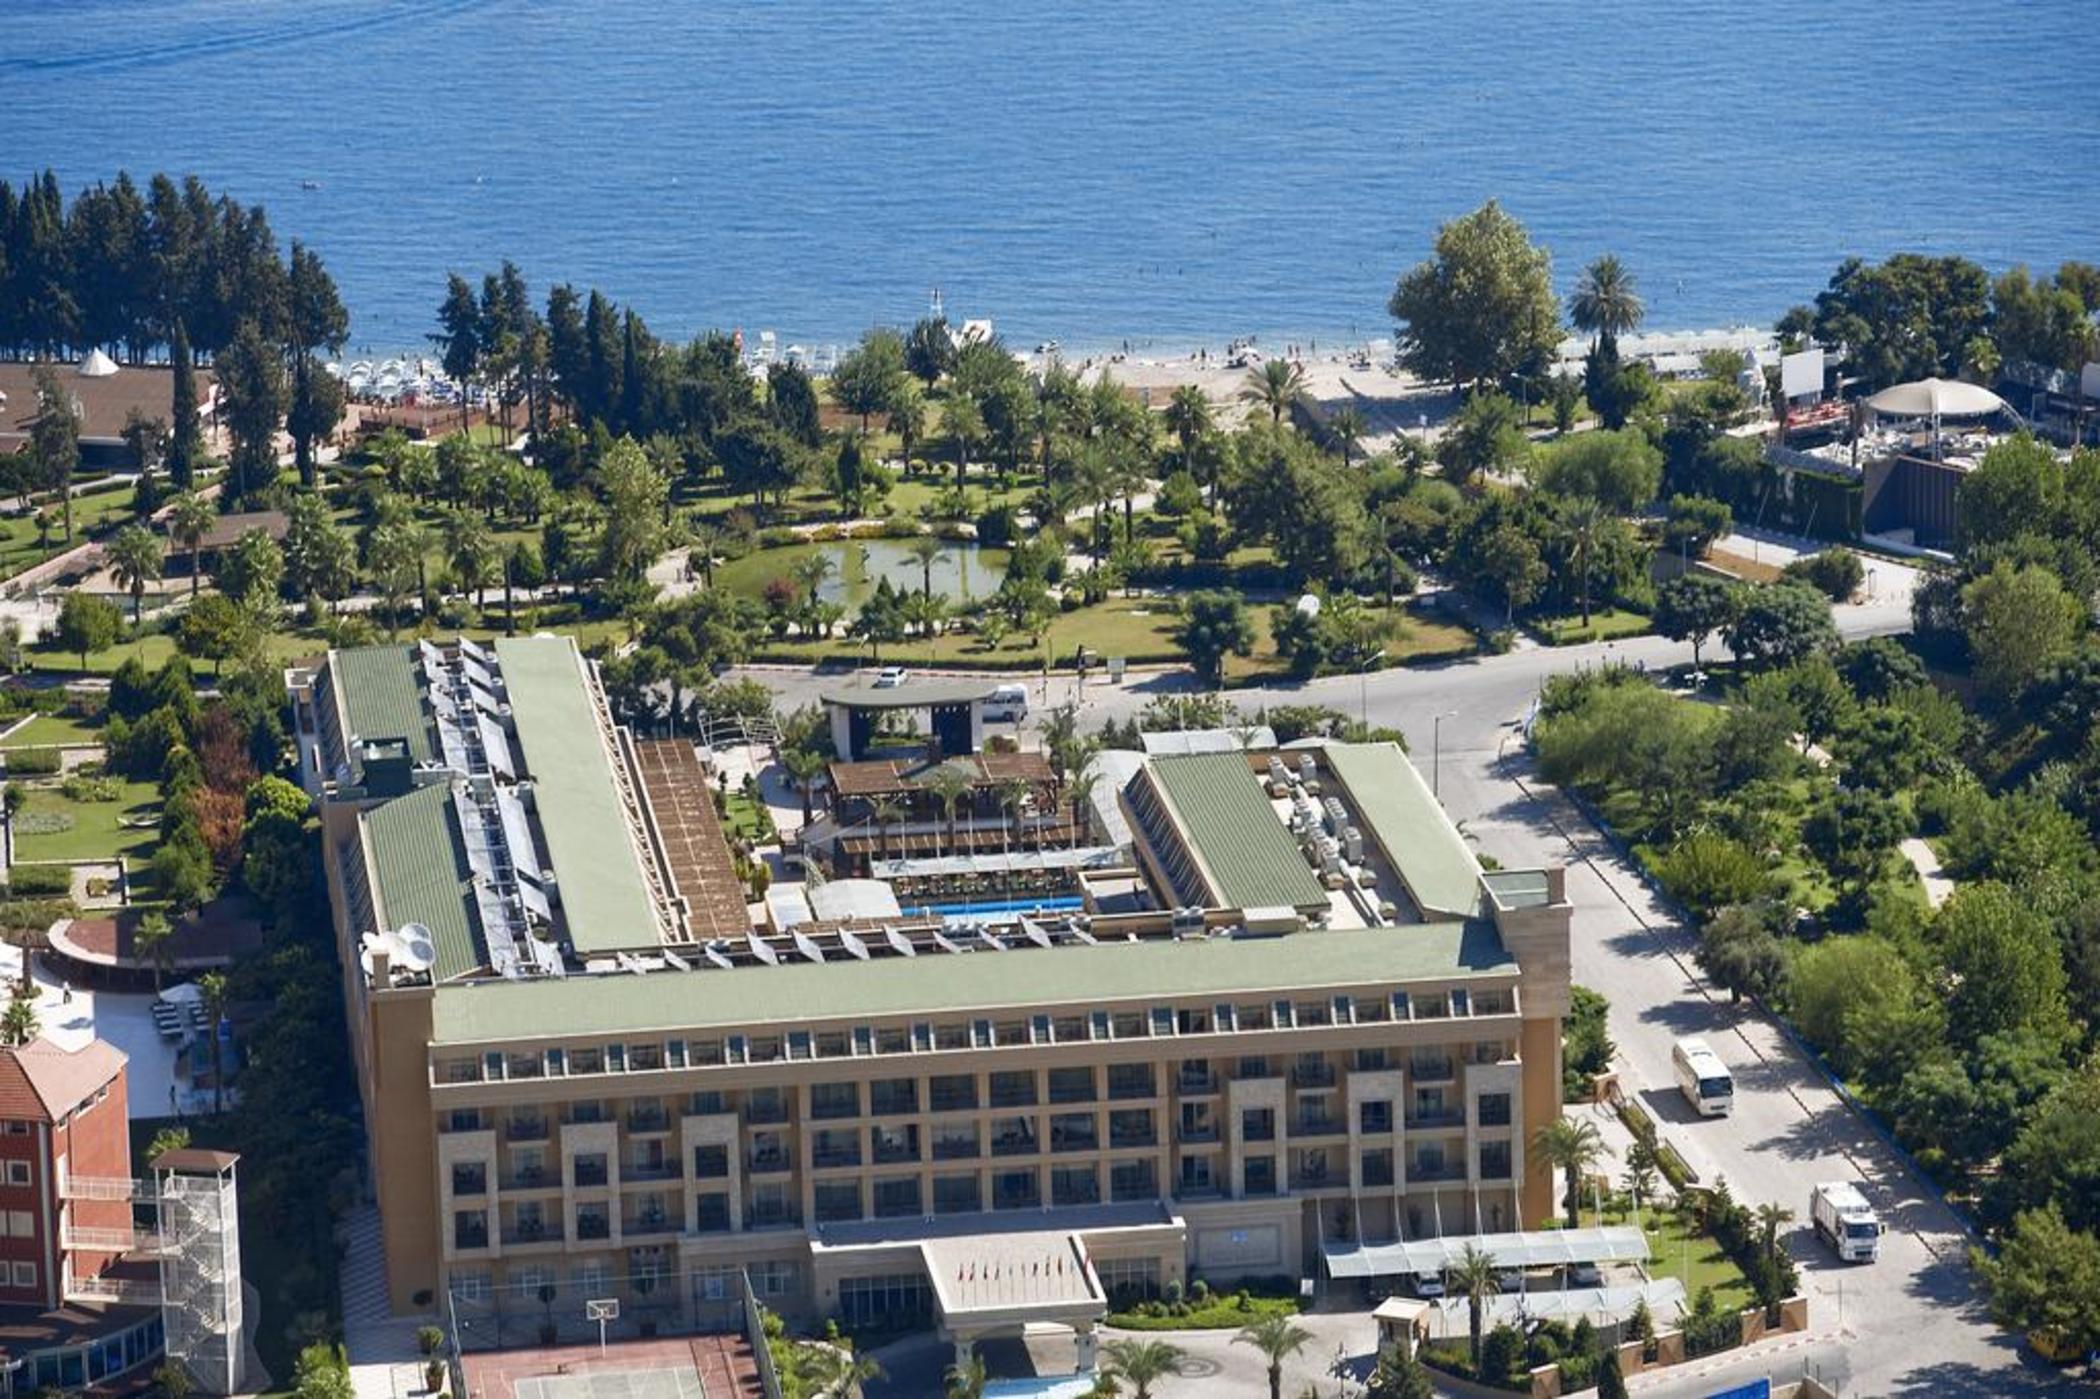 Crystal De Luxe Resort & Spa